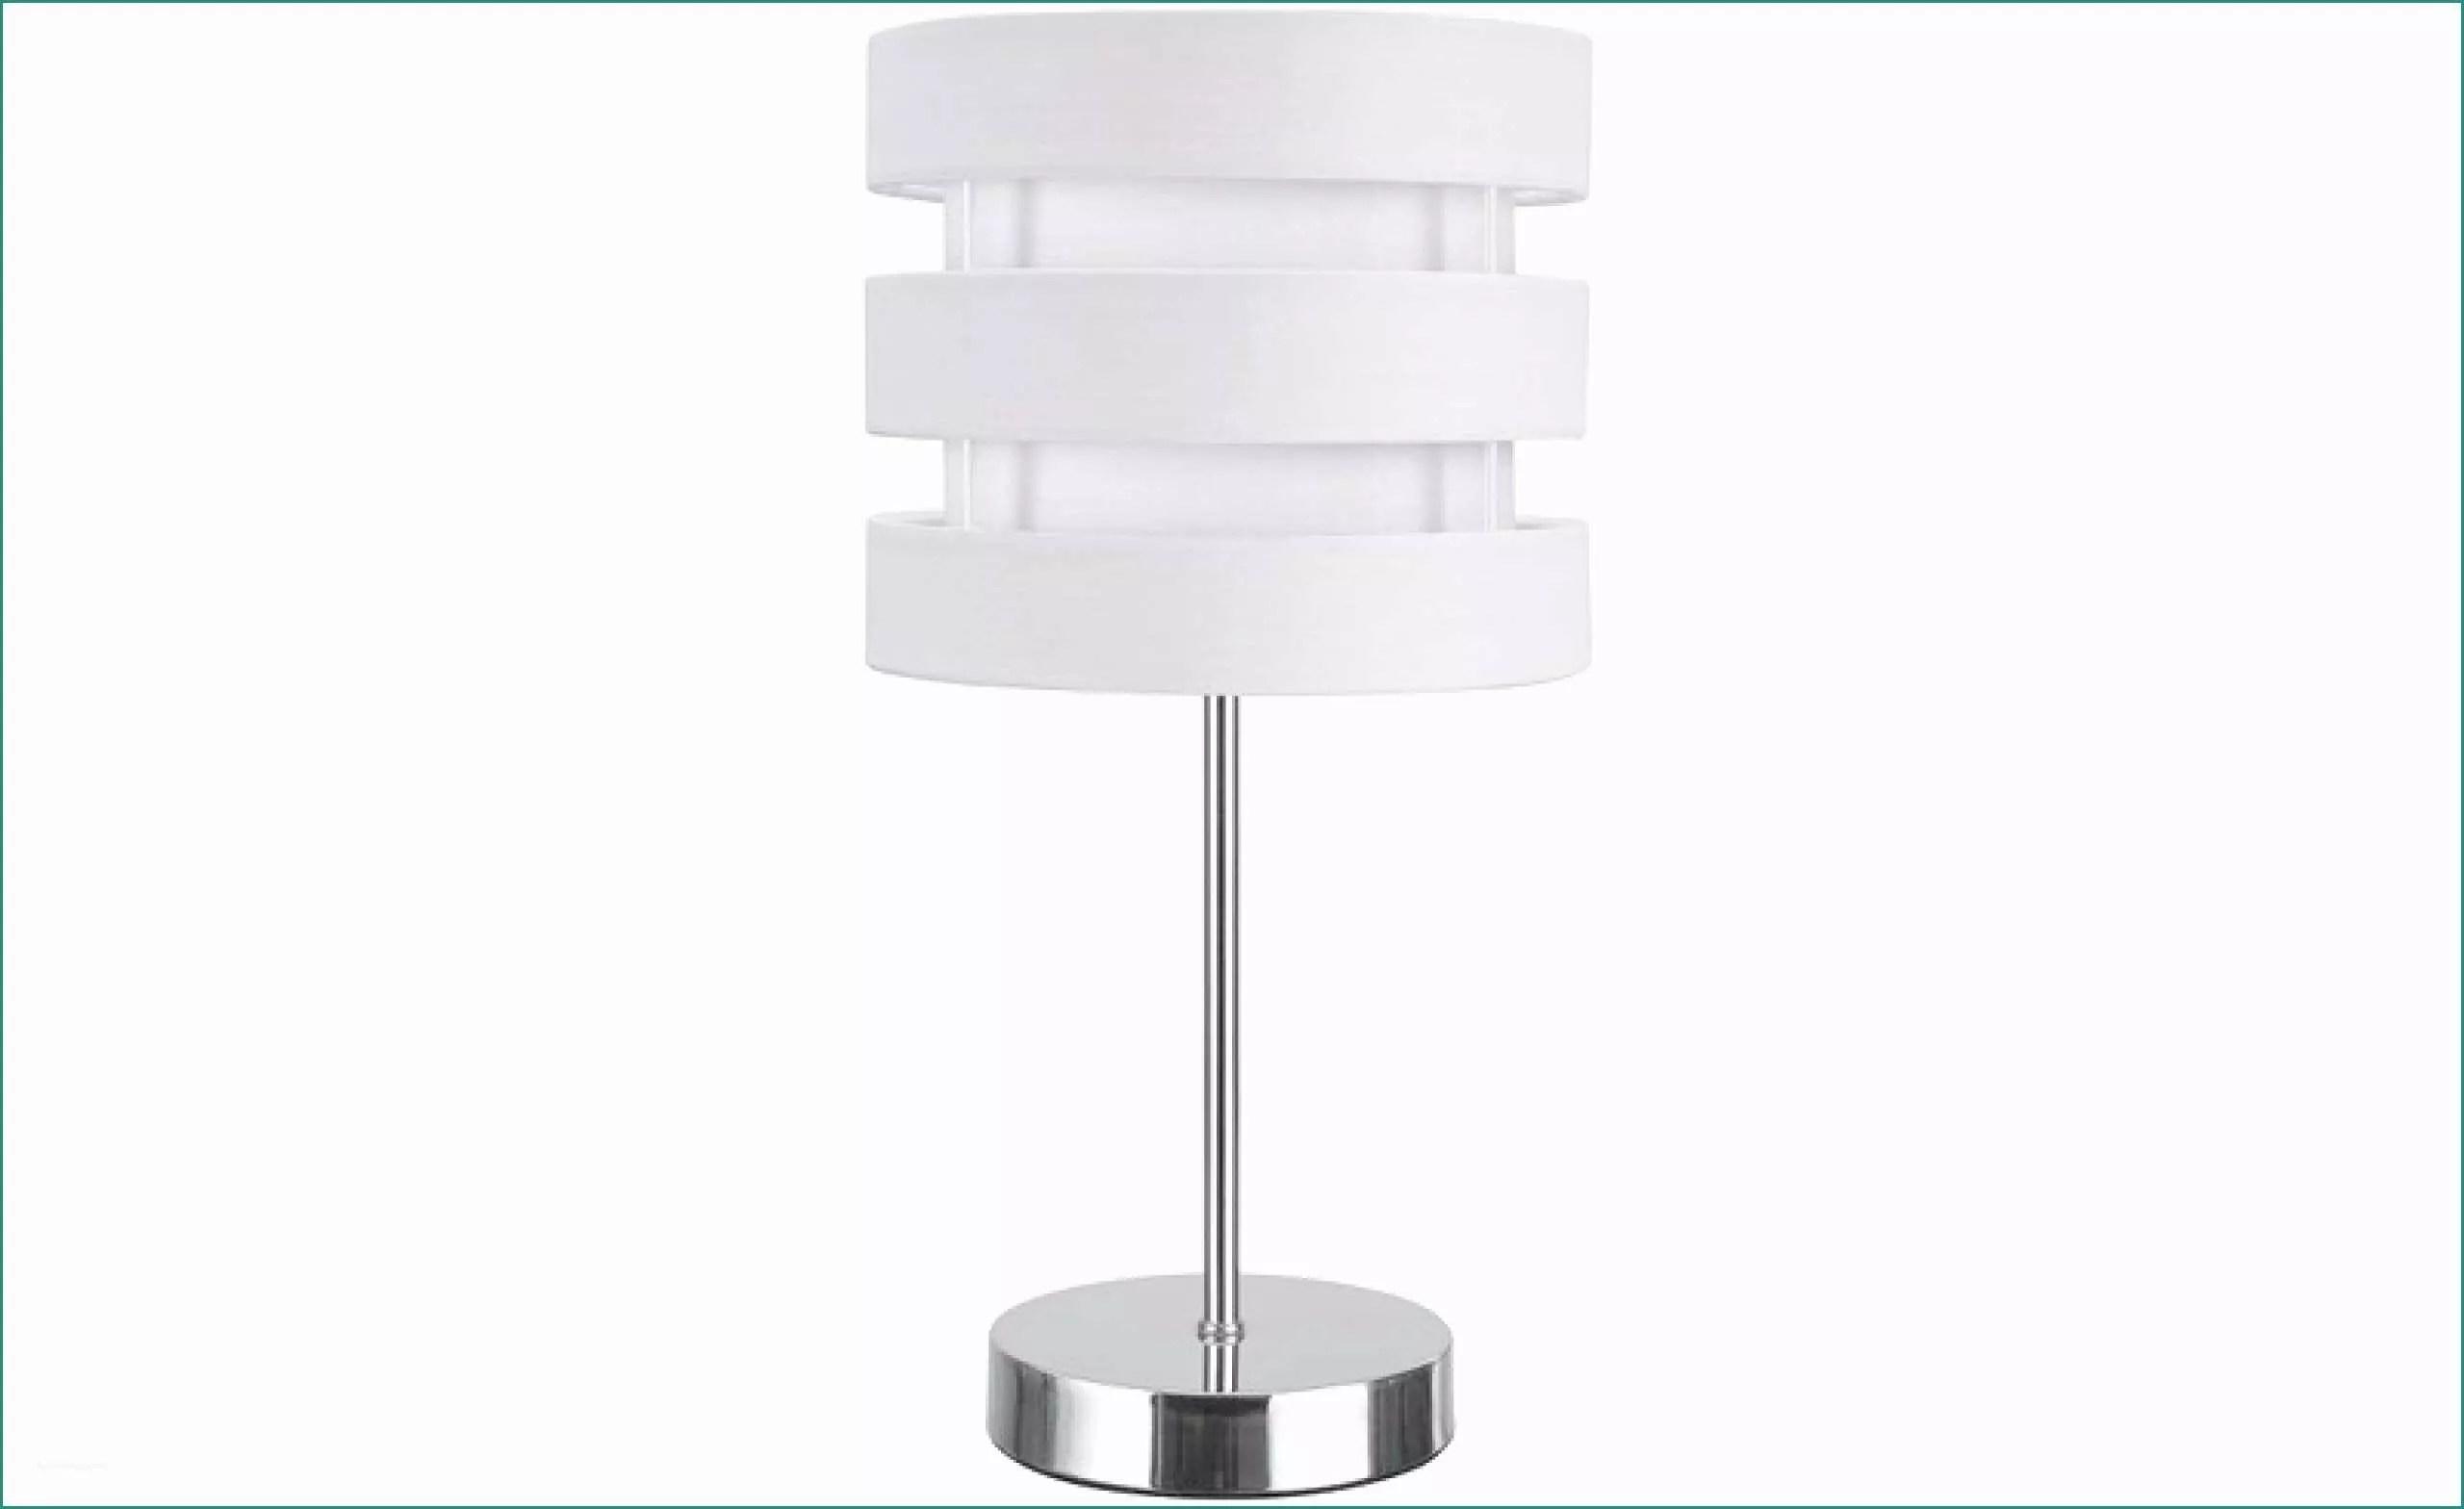 Lampade Da soffitto Moderne E Elegante Lampada Ikea Decorazioni Per La Casa  Punchbuggylife